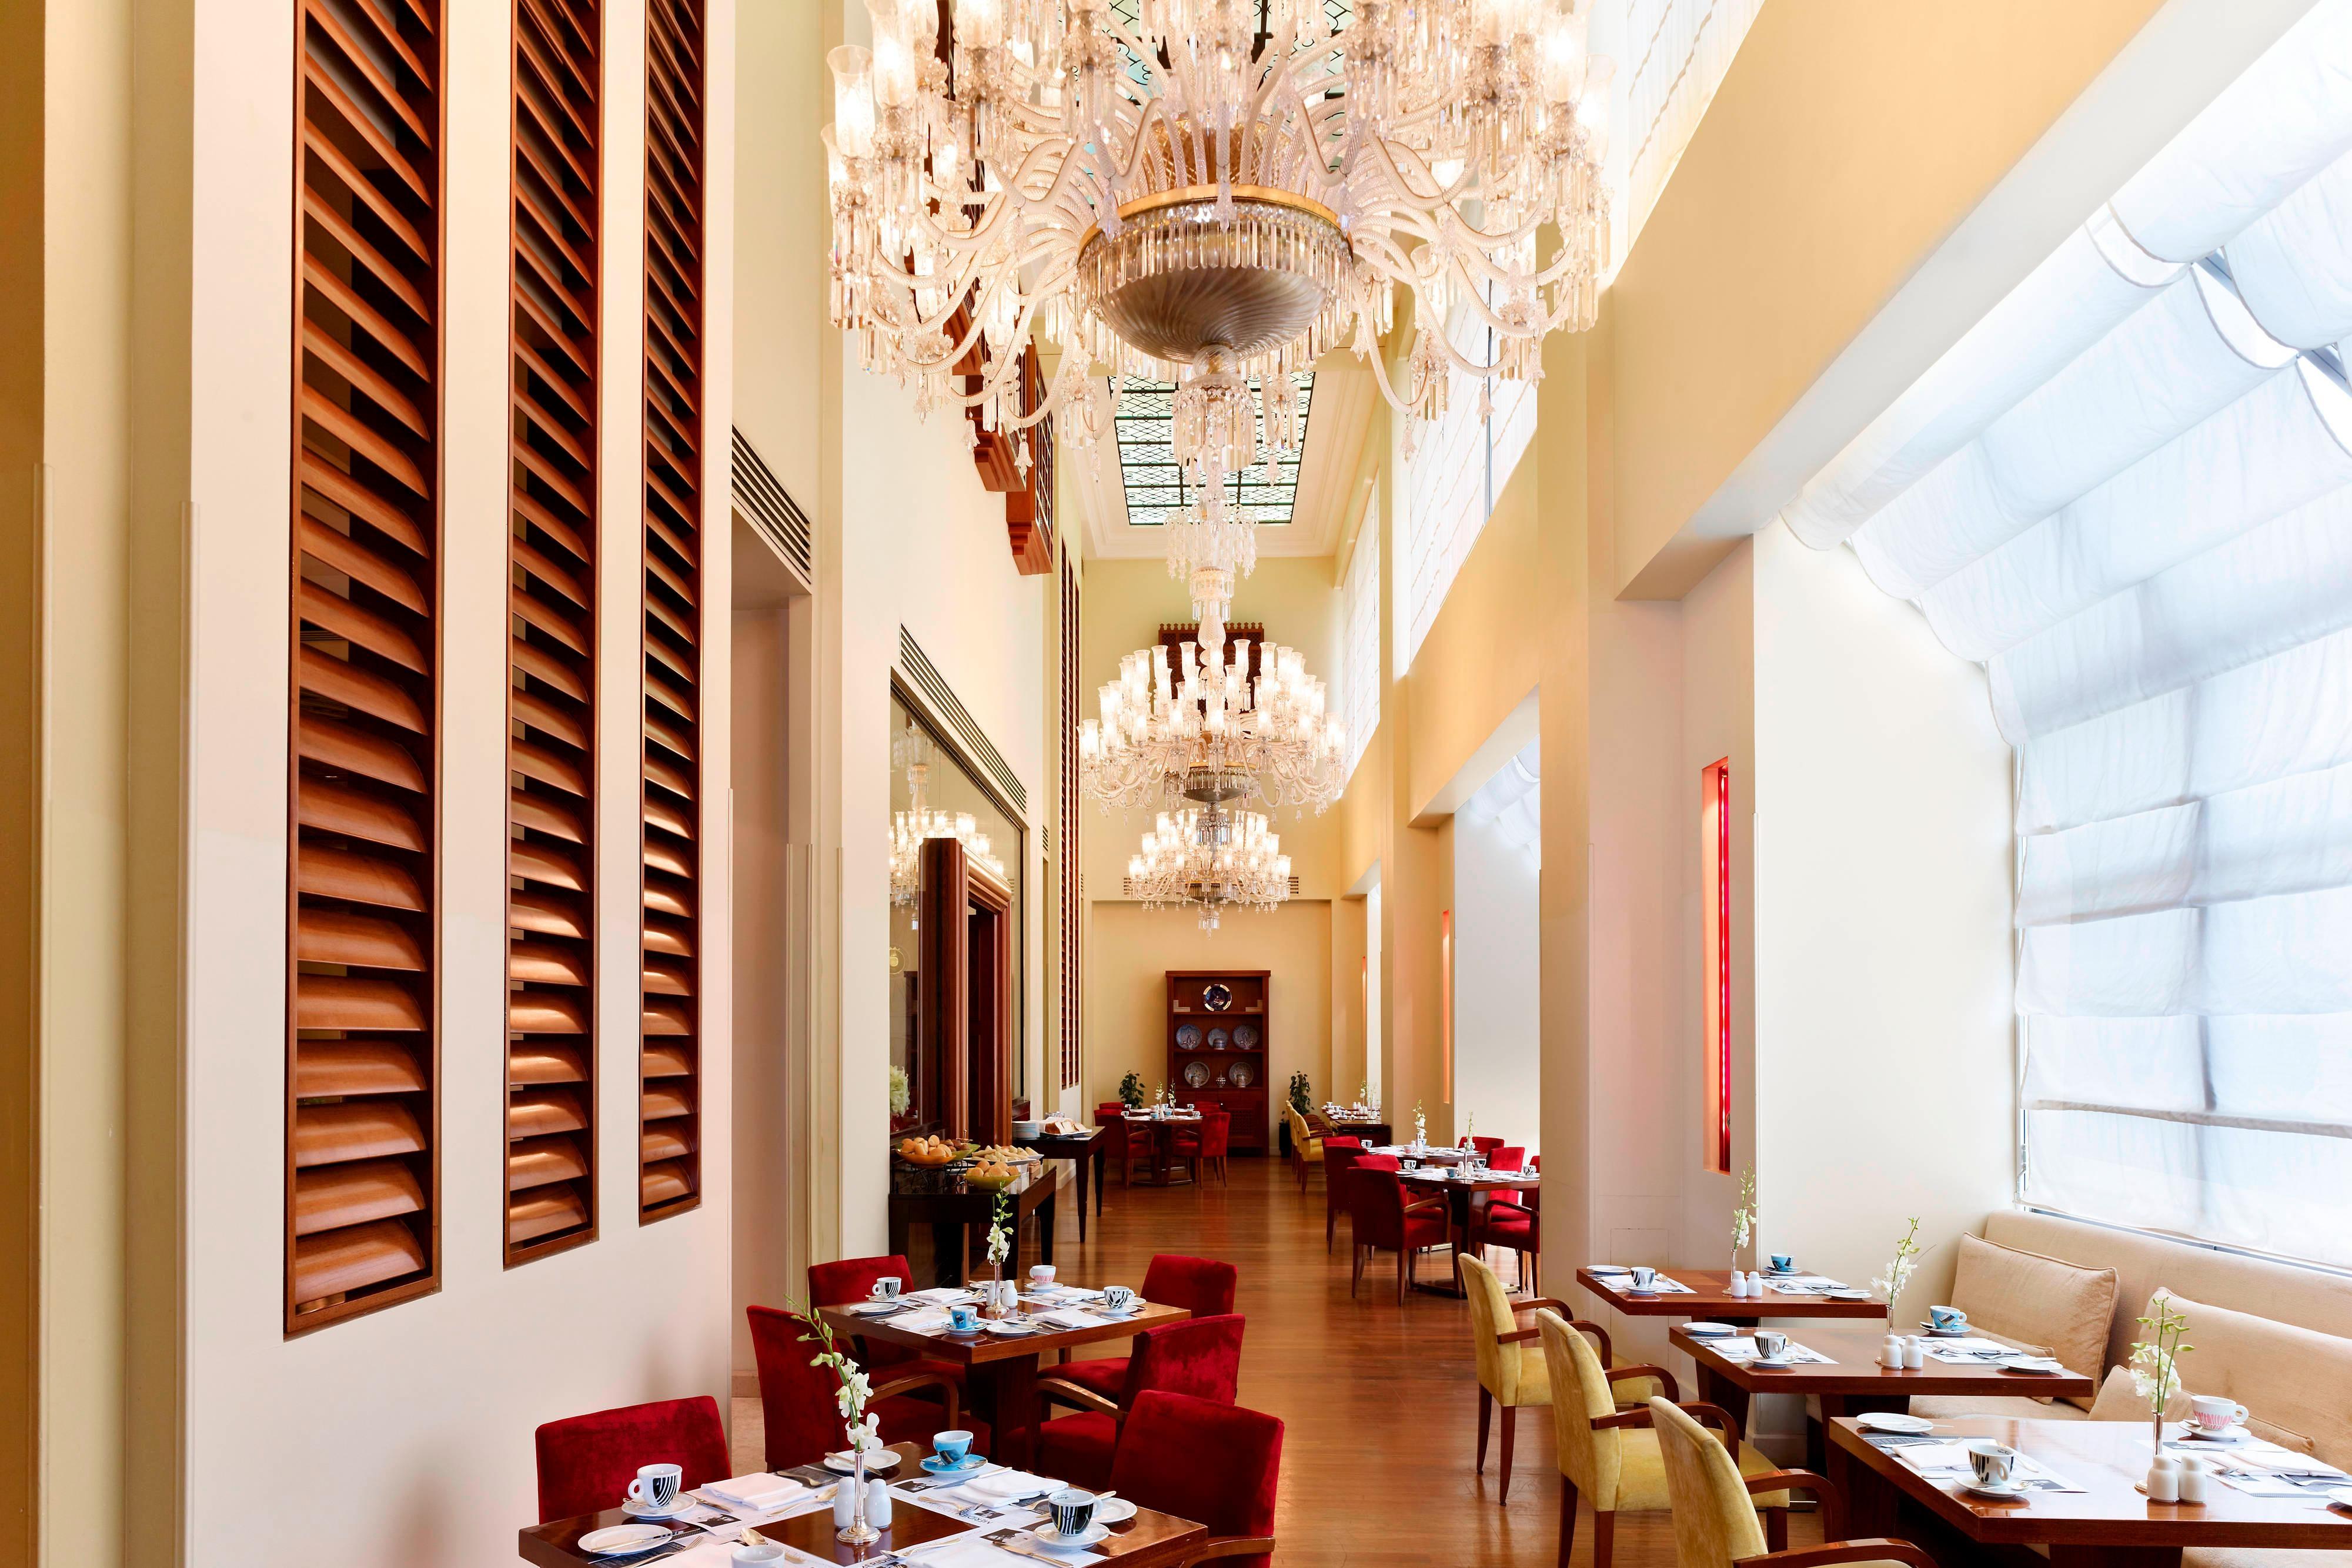 Le Cafe de Paris - Breakfast